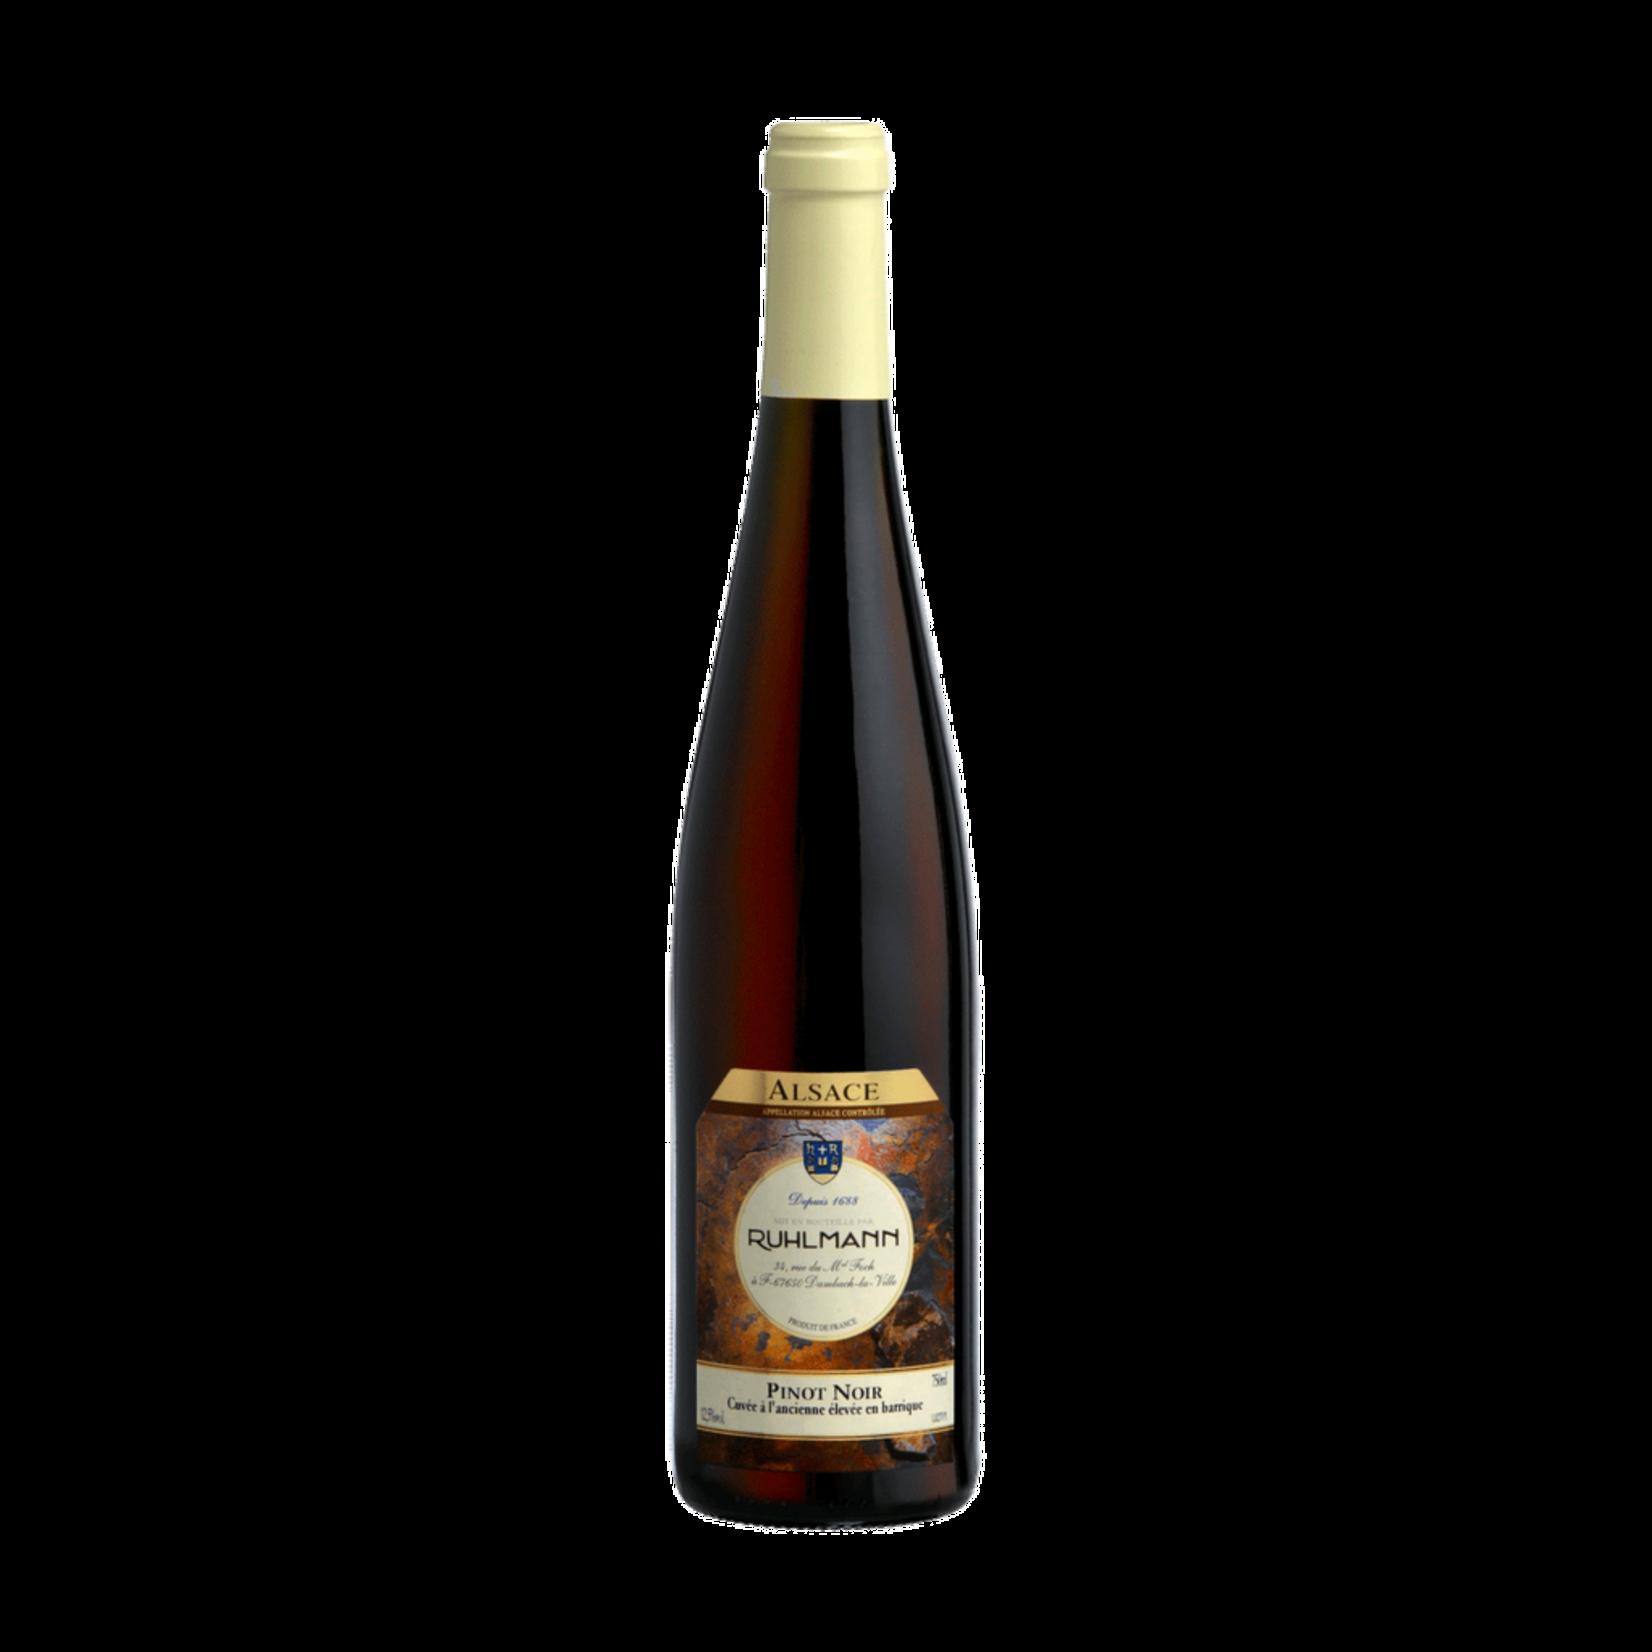 Ruhlmann Pinot Noir Cuvee a l'Ancienne 2016